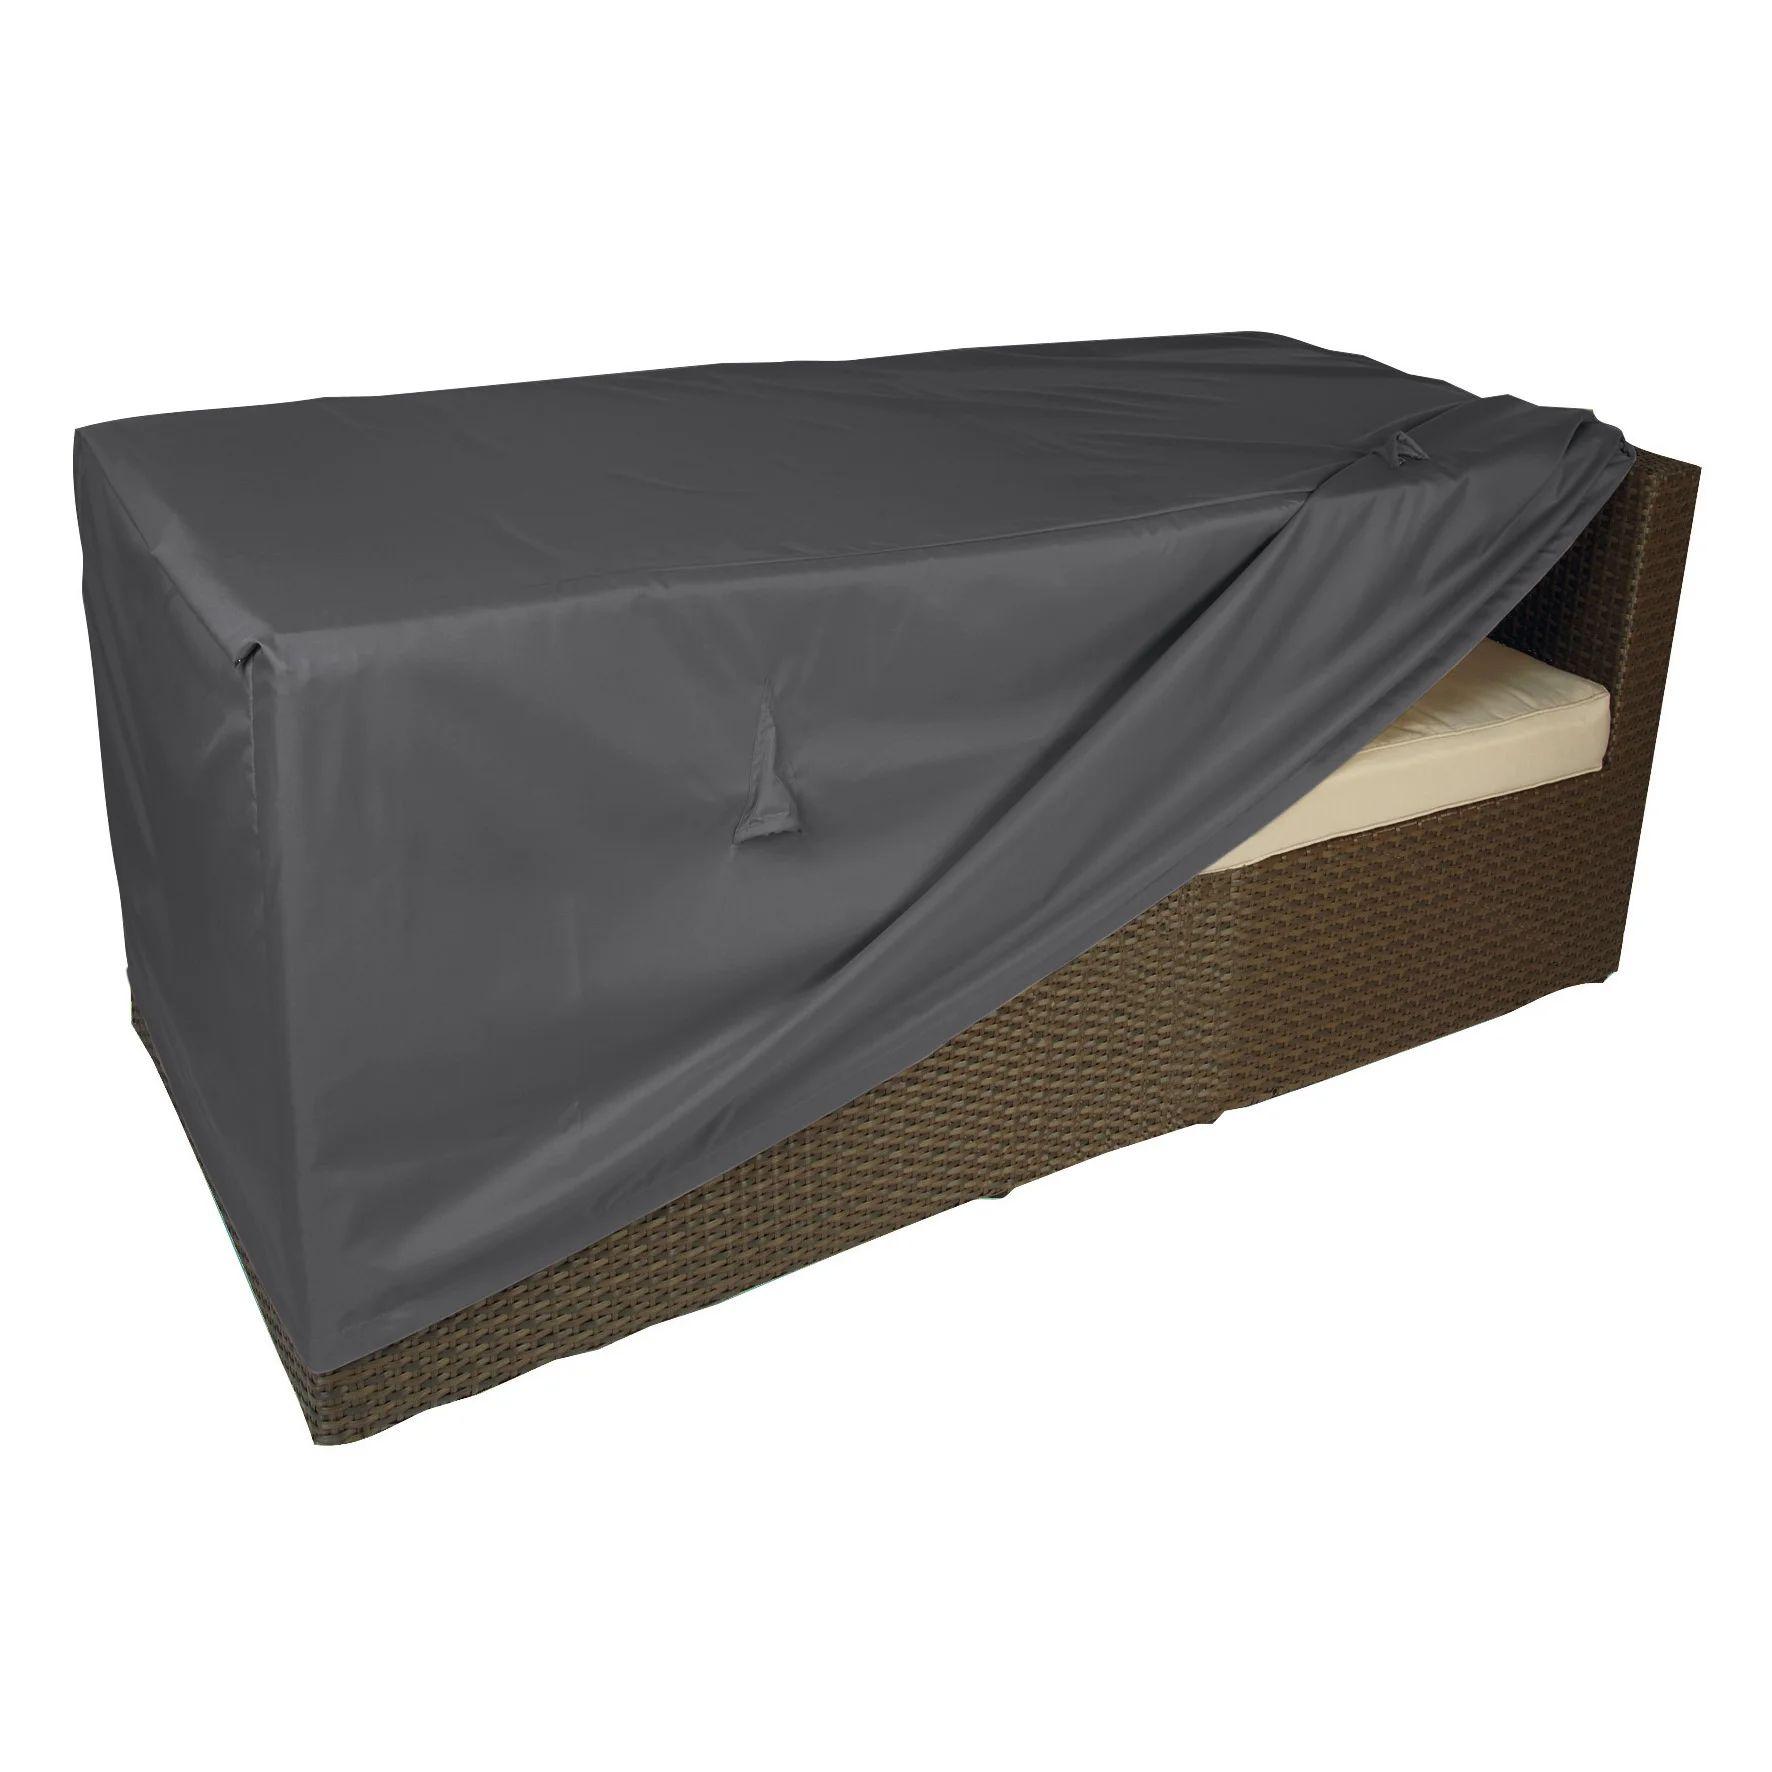 housse de protection pour canape naterial l 130 x l 75 x h 60 cm